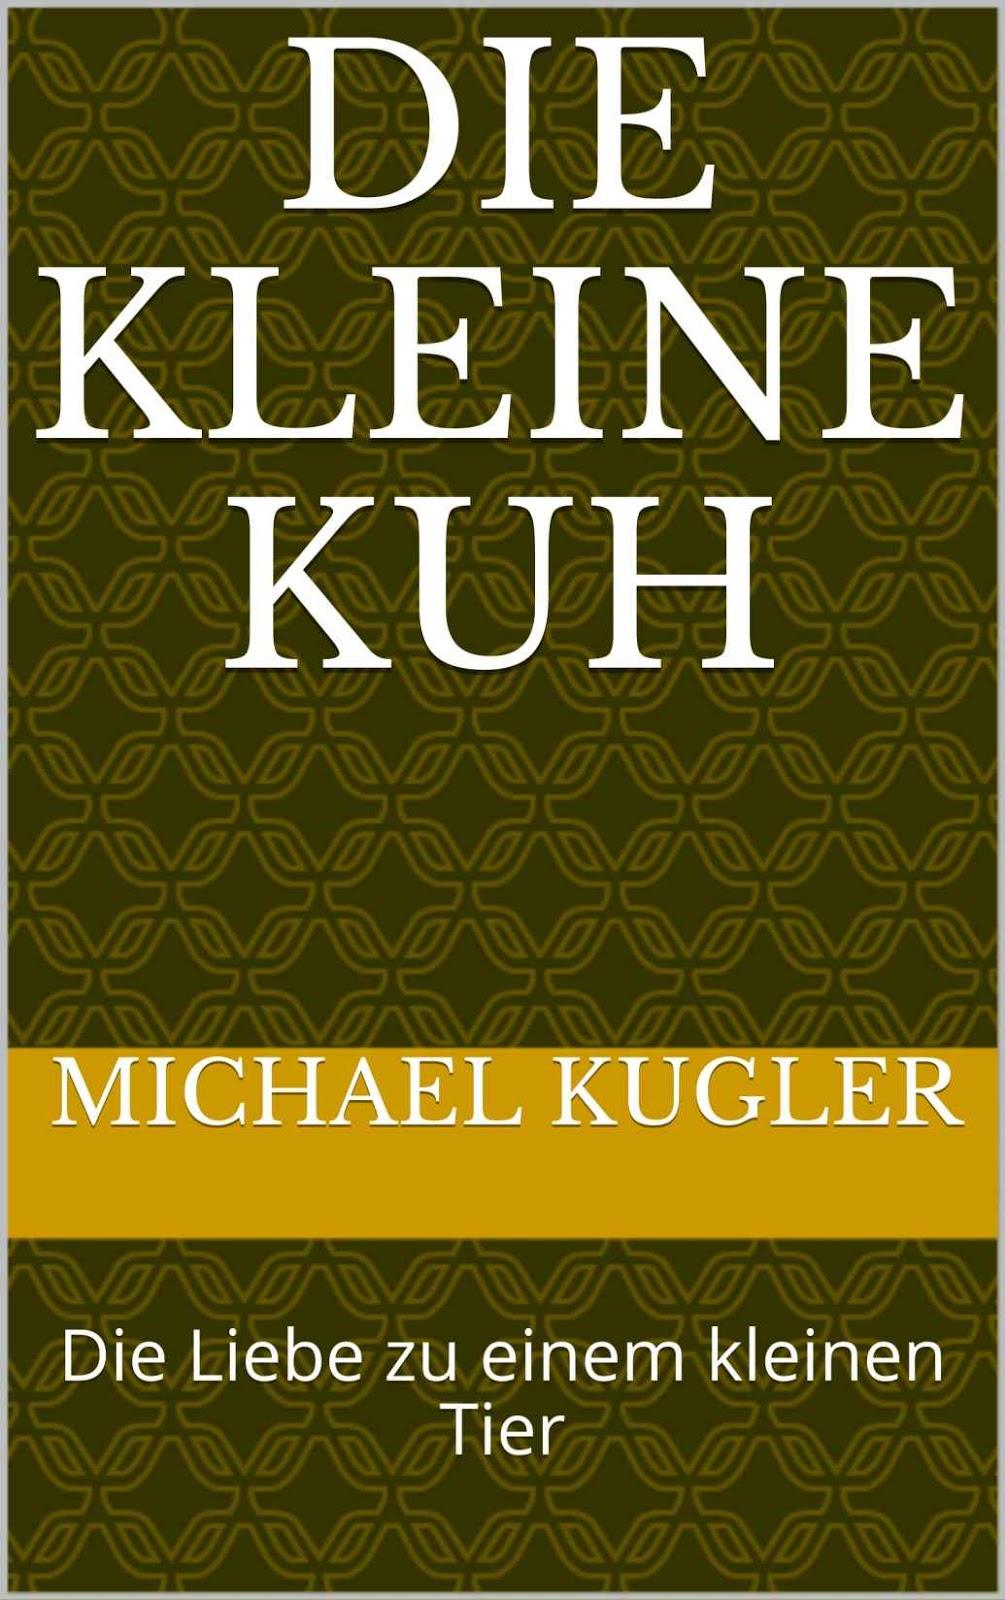 Michael Kugler